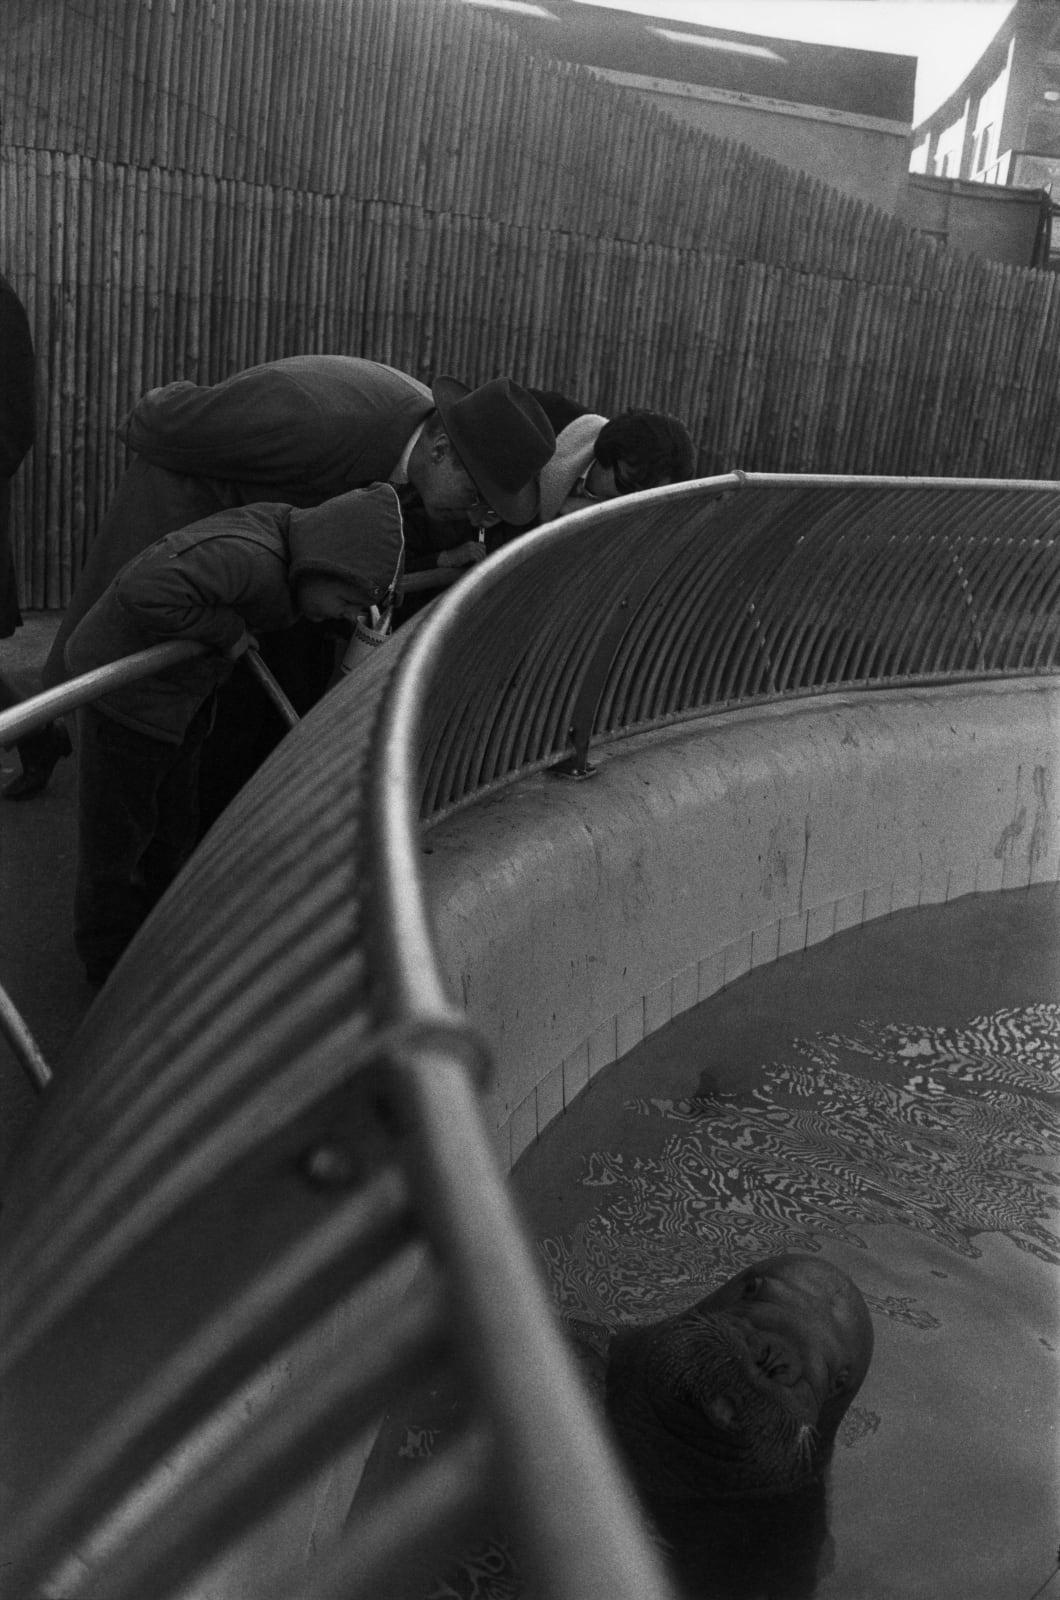 Garry Winogrand - The Zoo, New York City (walrus), 1963